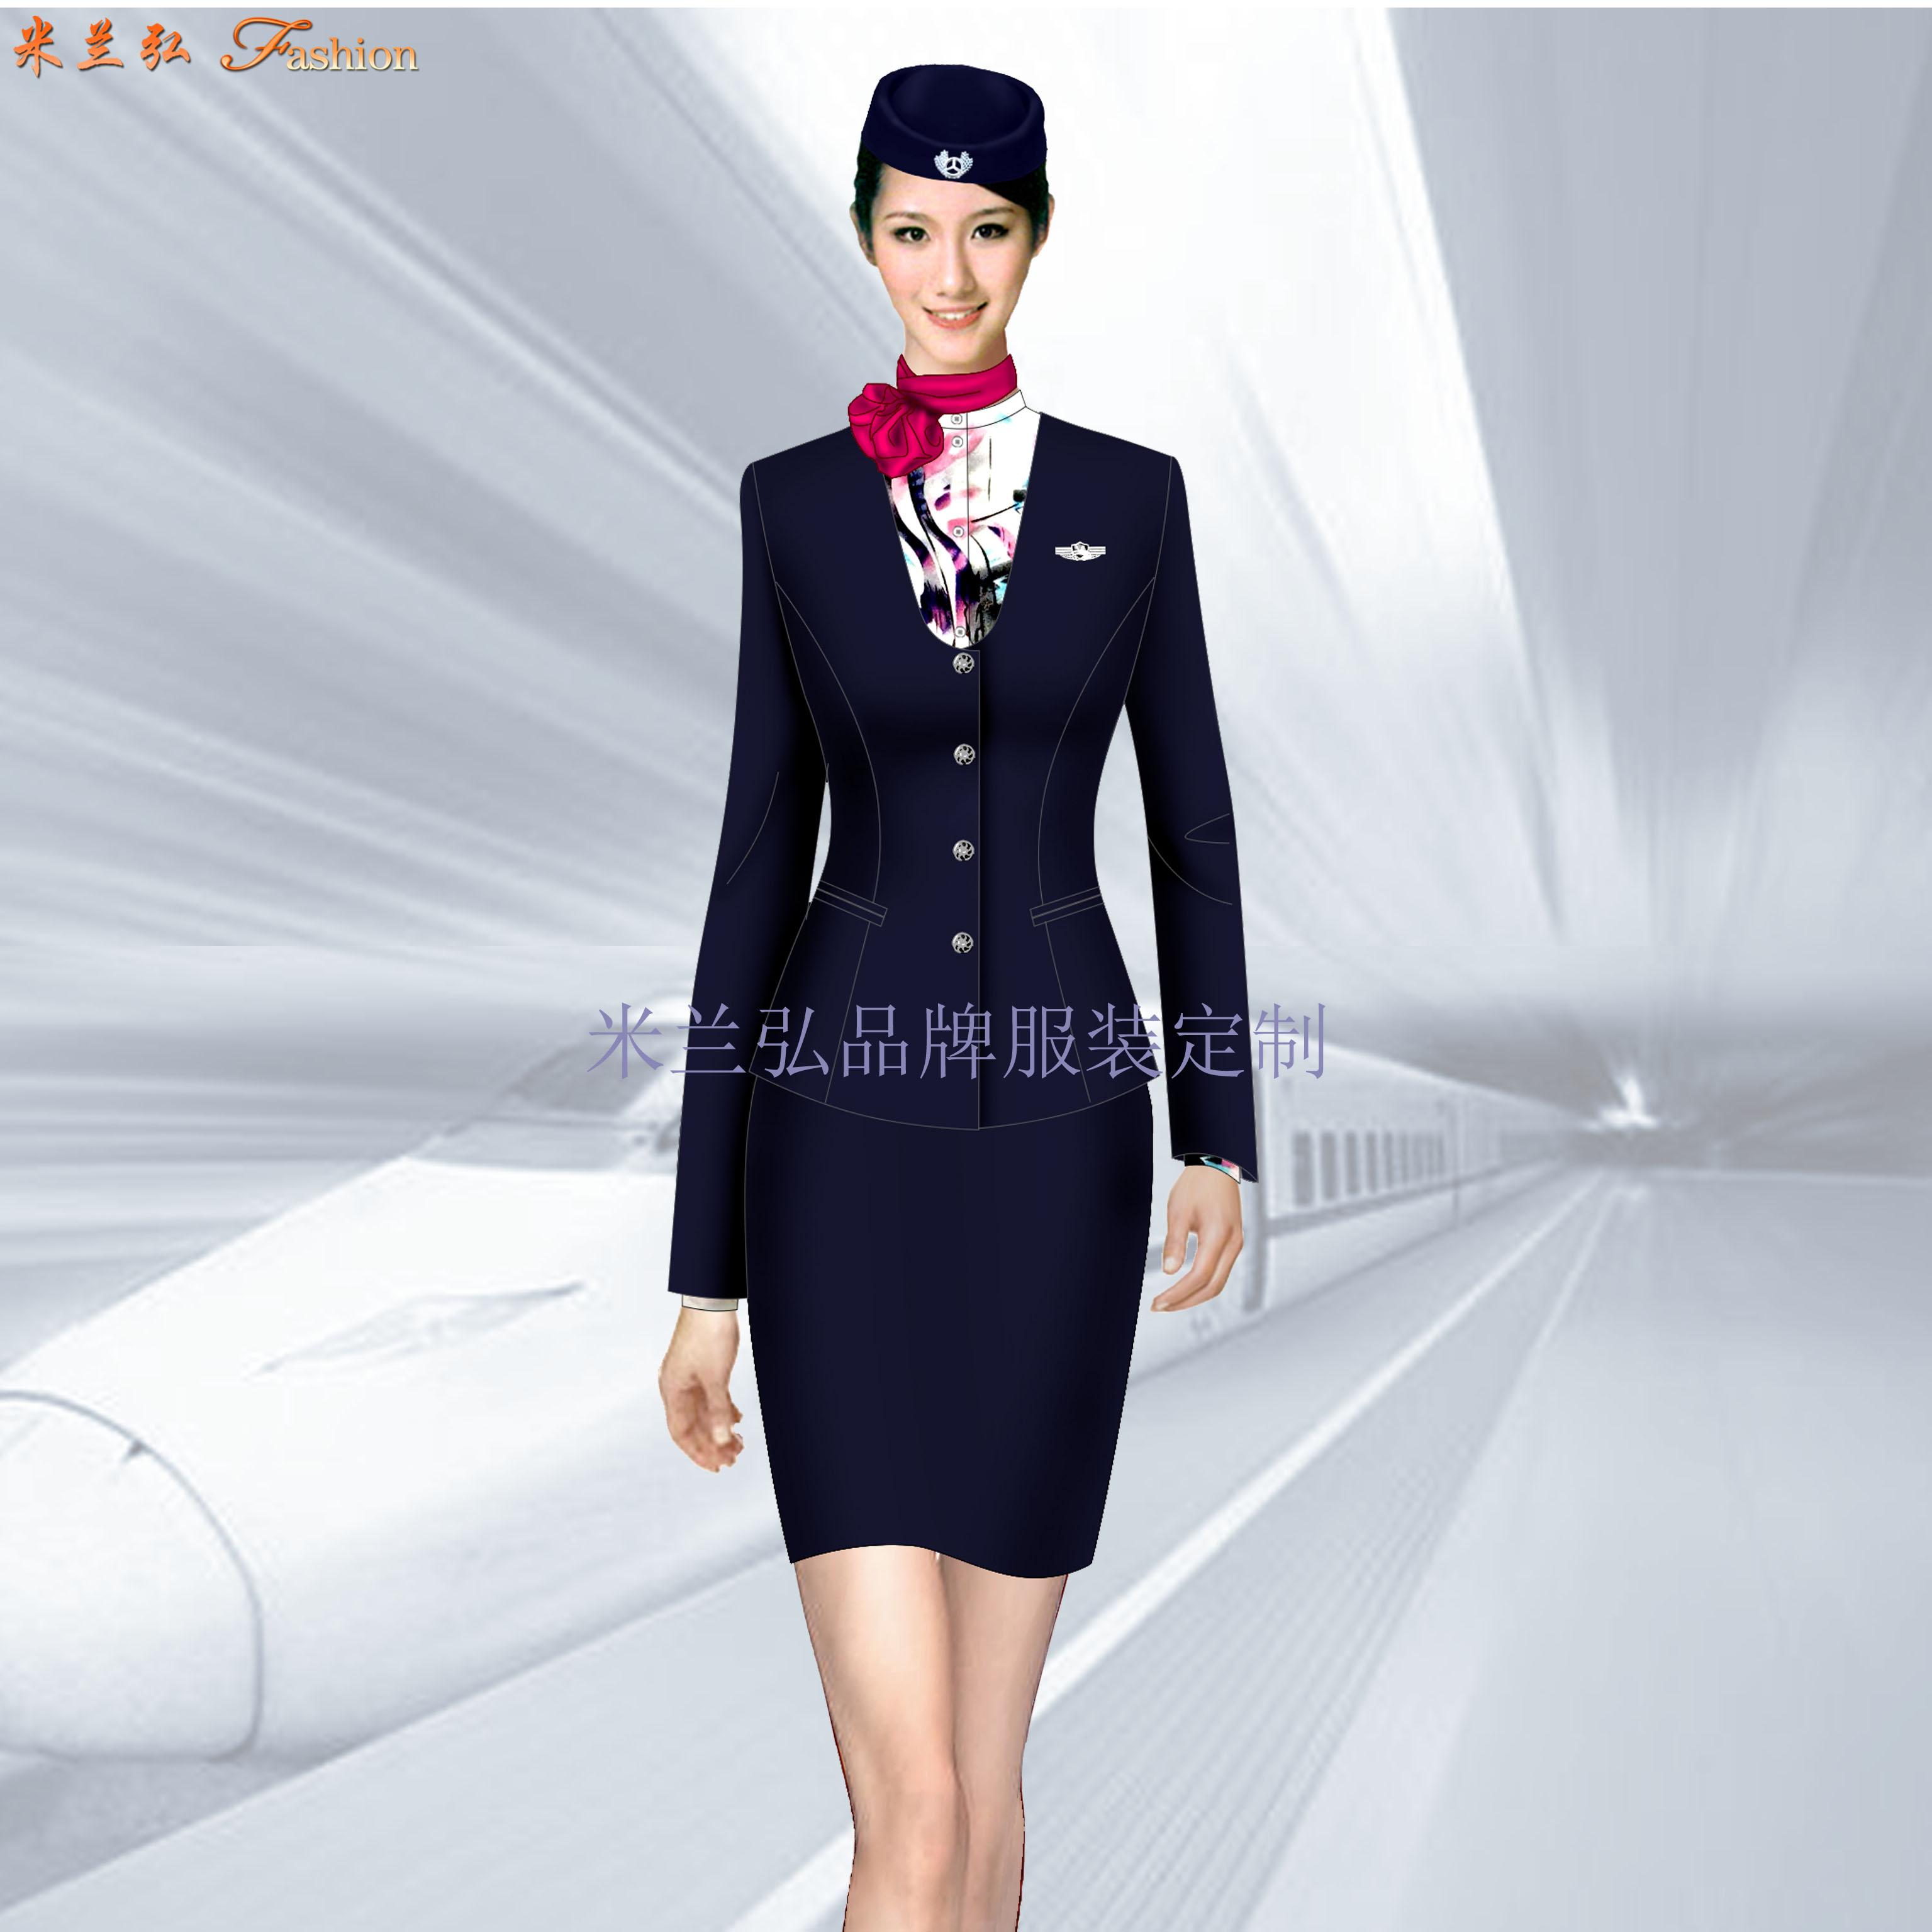 武汉高铁服装-武汉高铁工作服定制-蓝冠注册工服厂家-3